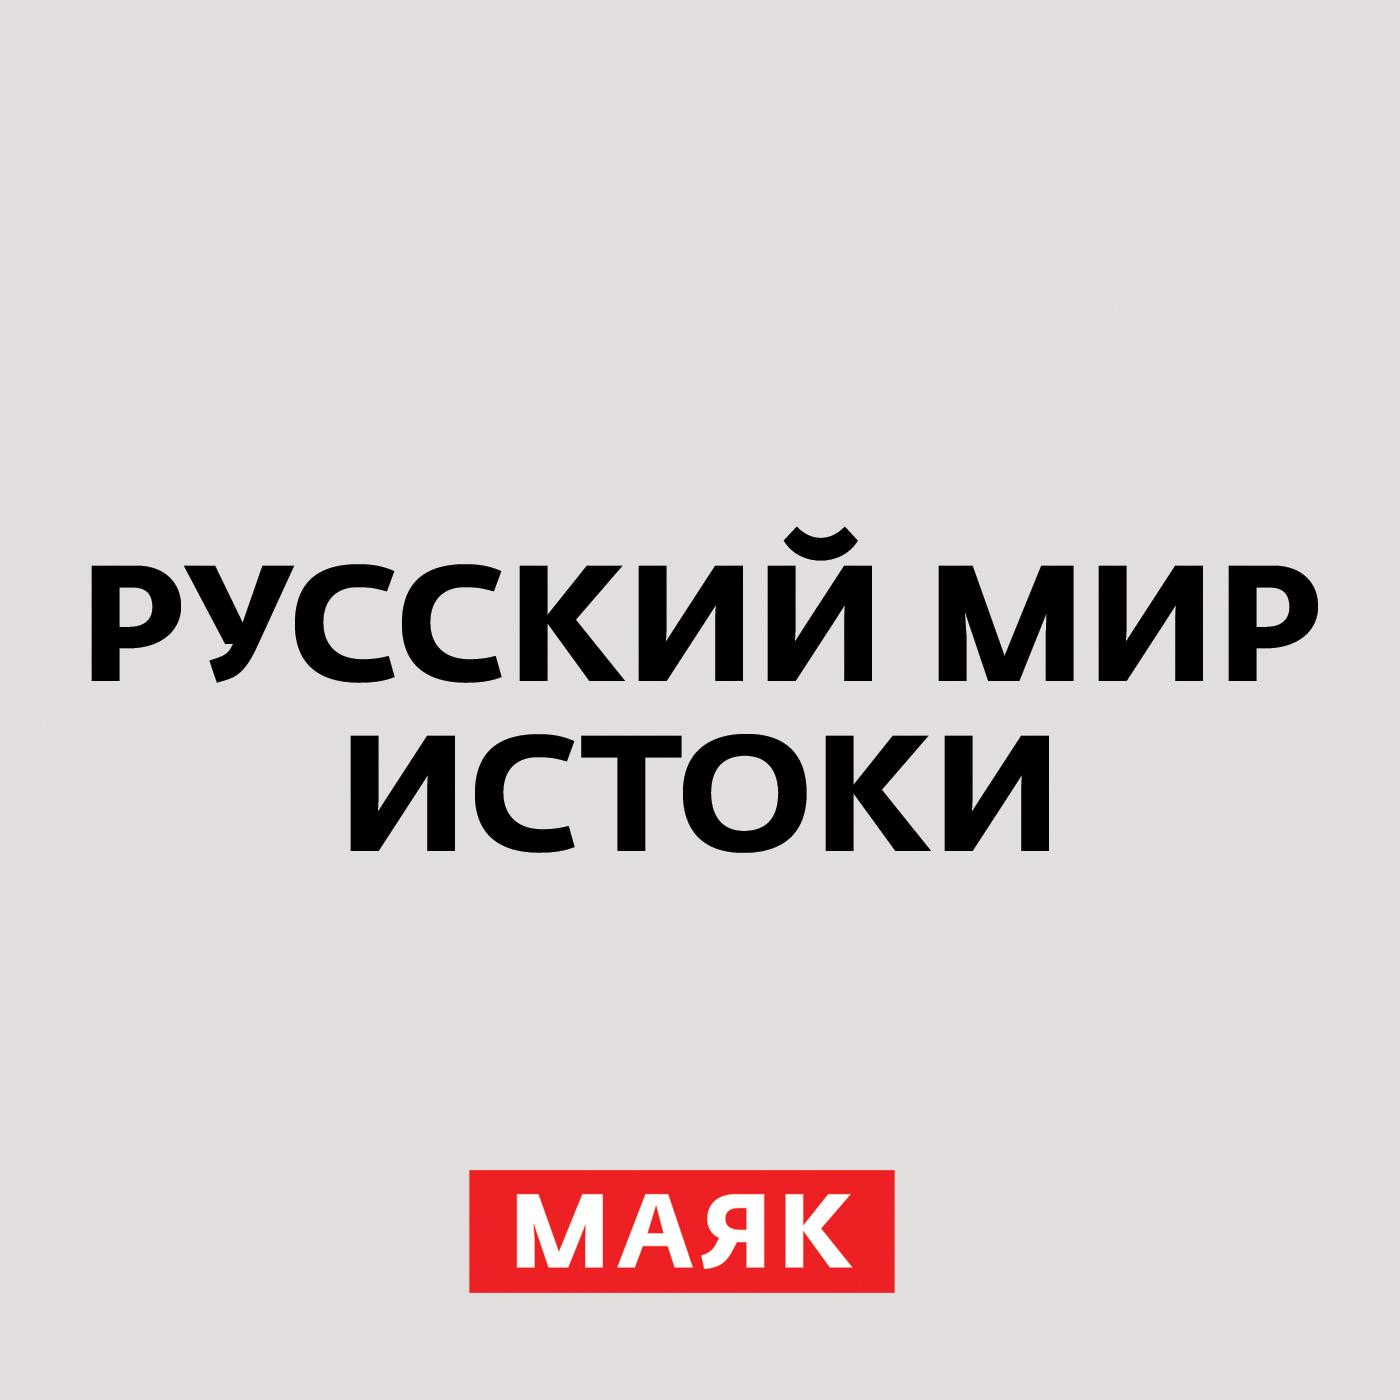 Творческий коллектив радио «Маяк» Екатерина II (часть 5) творческий коллектив радио маяк екатерина ii часть 3